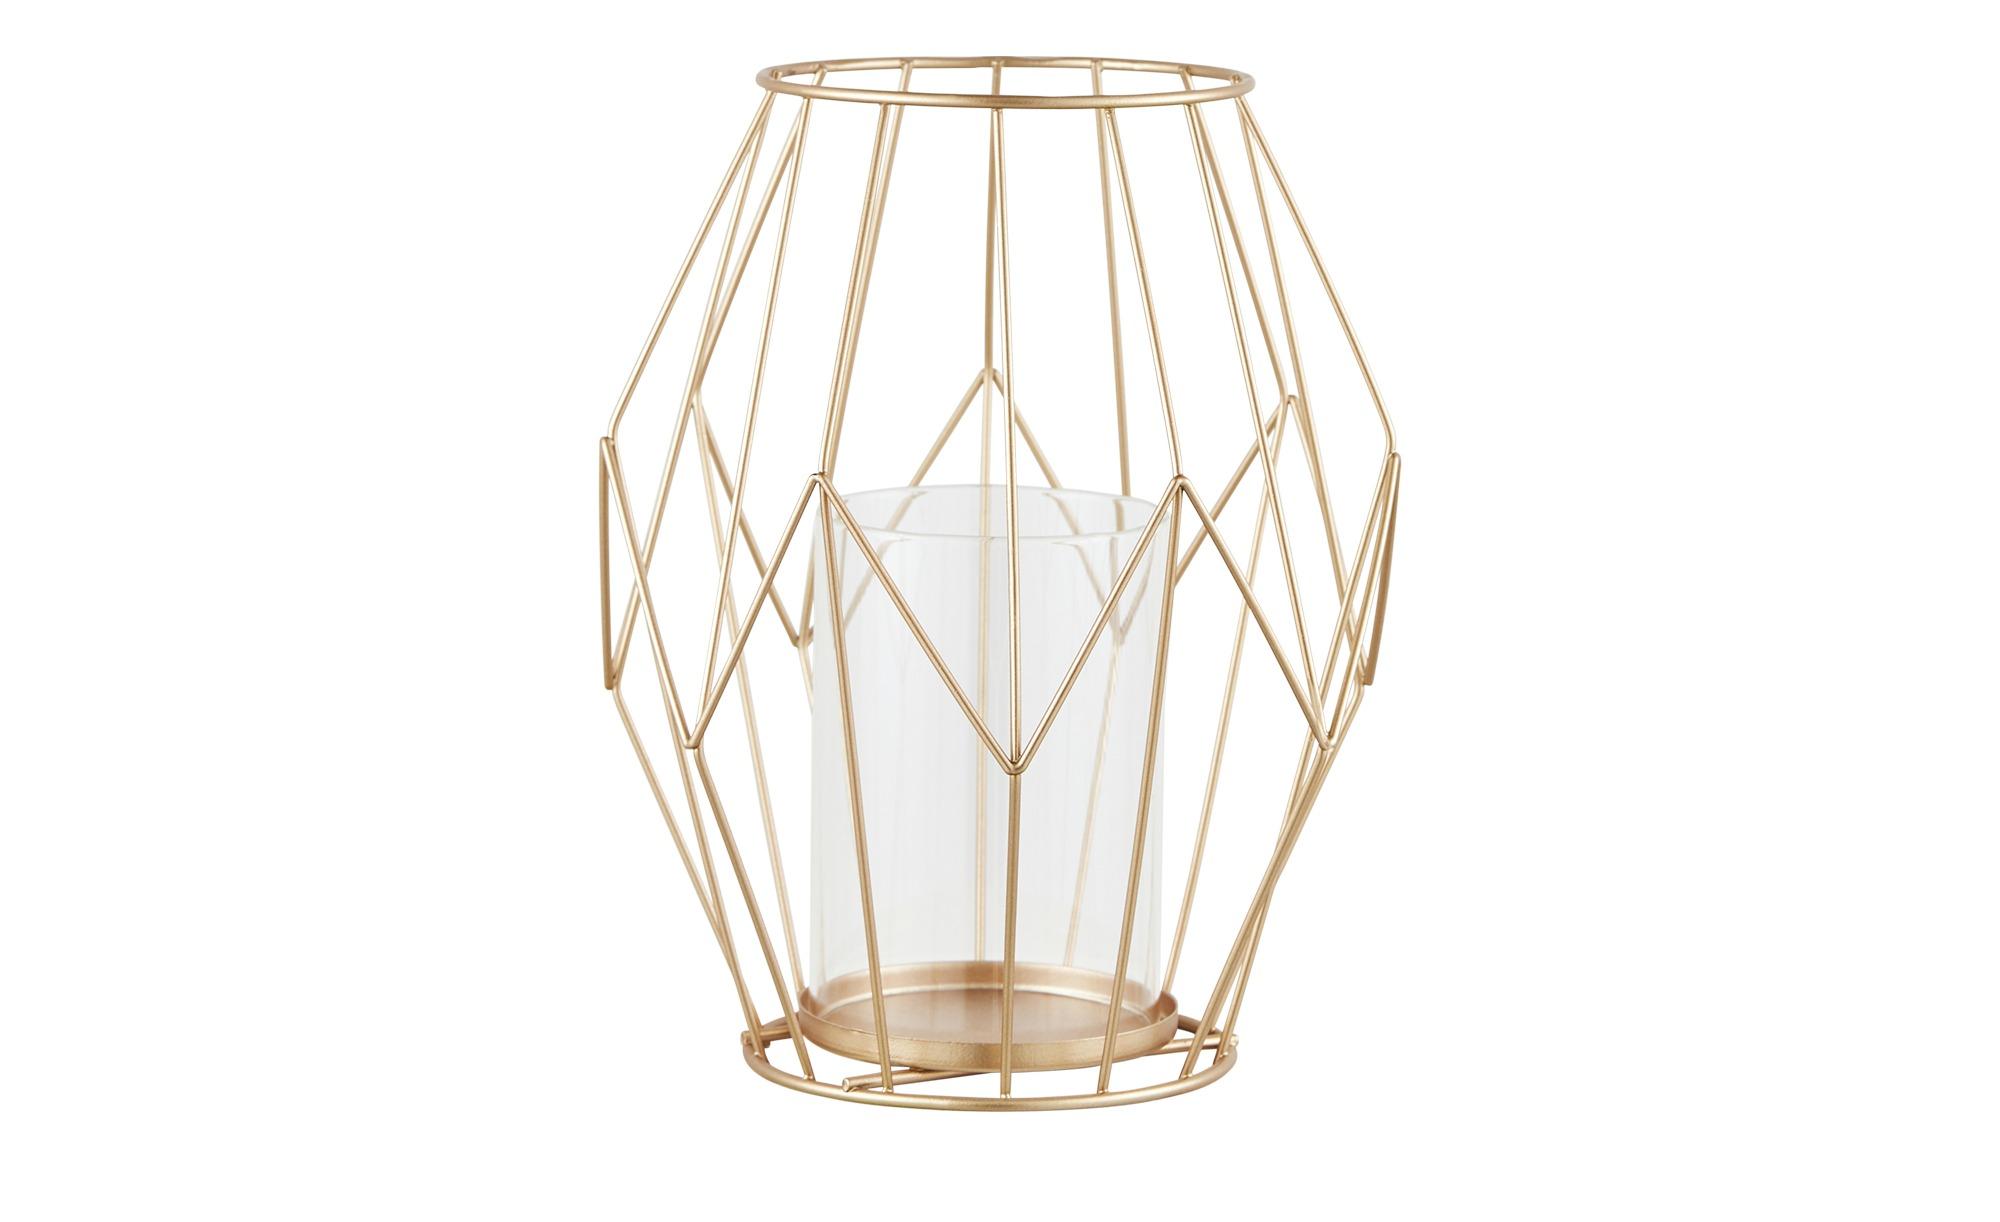 Windlicht mit Glaseinsatz ¦ kupfer Dekoration > Laternen & Windlichter - Höffner | Dekoration > Kerzen und Kerzenständer > Windlichter | Kupfer | Möbel Höffner DE